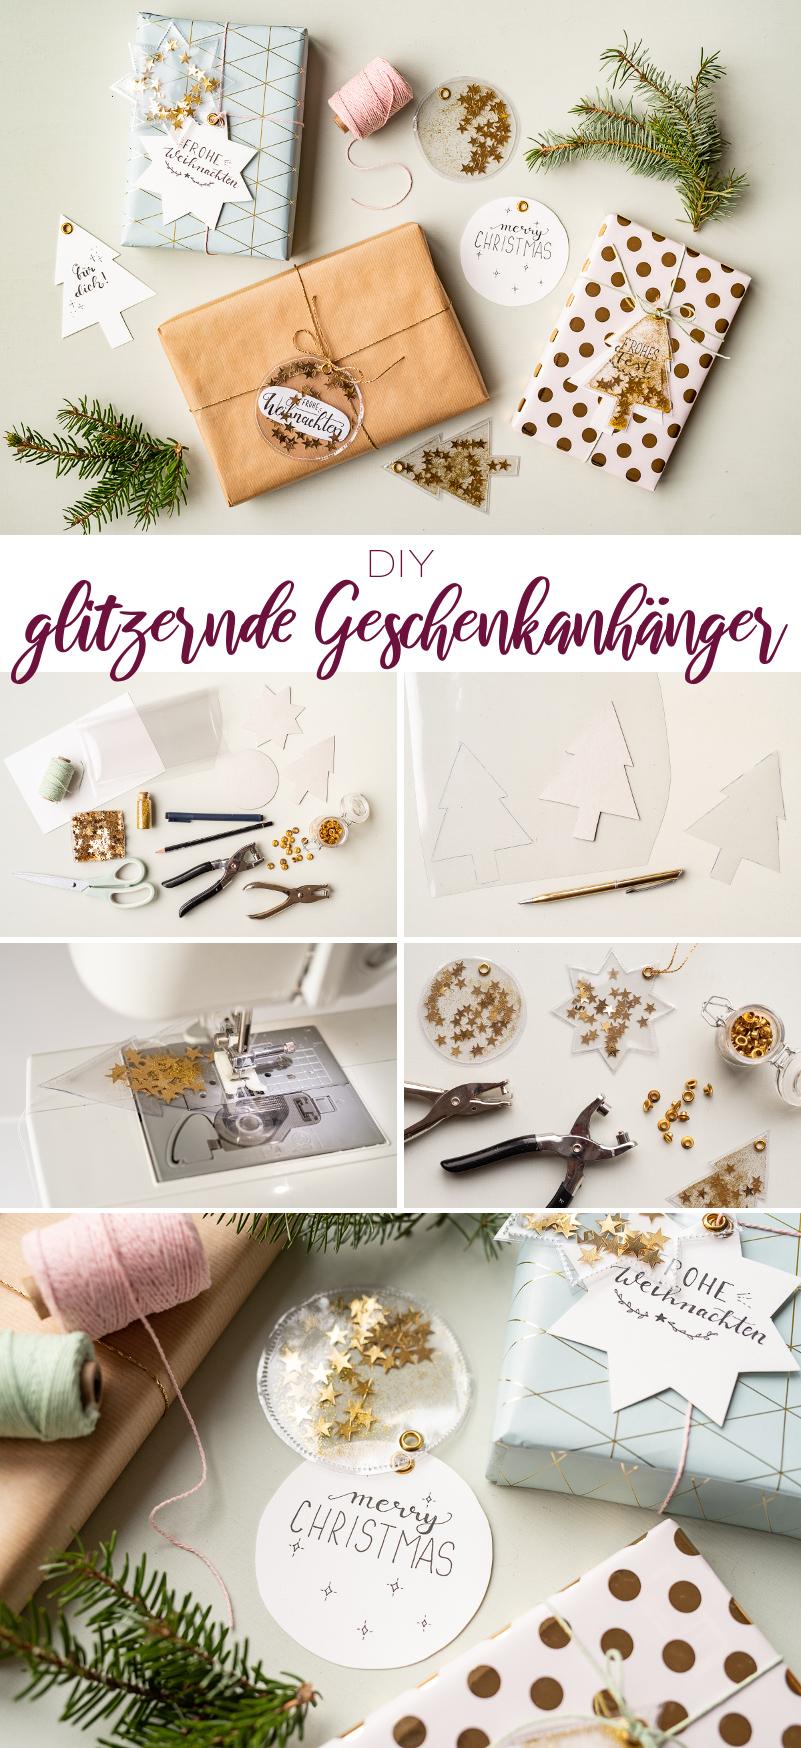 Anleitung für selbst gemachte DIY Geschenkanhänger aus Wachstuch mit Glitzer und Sternen als schöne Verpackung für Geschenke zu Weihnachten